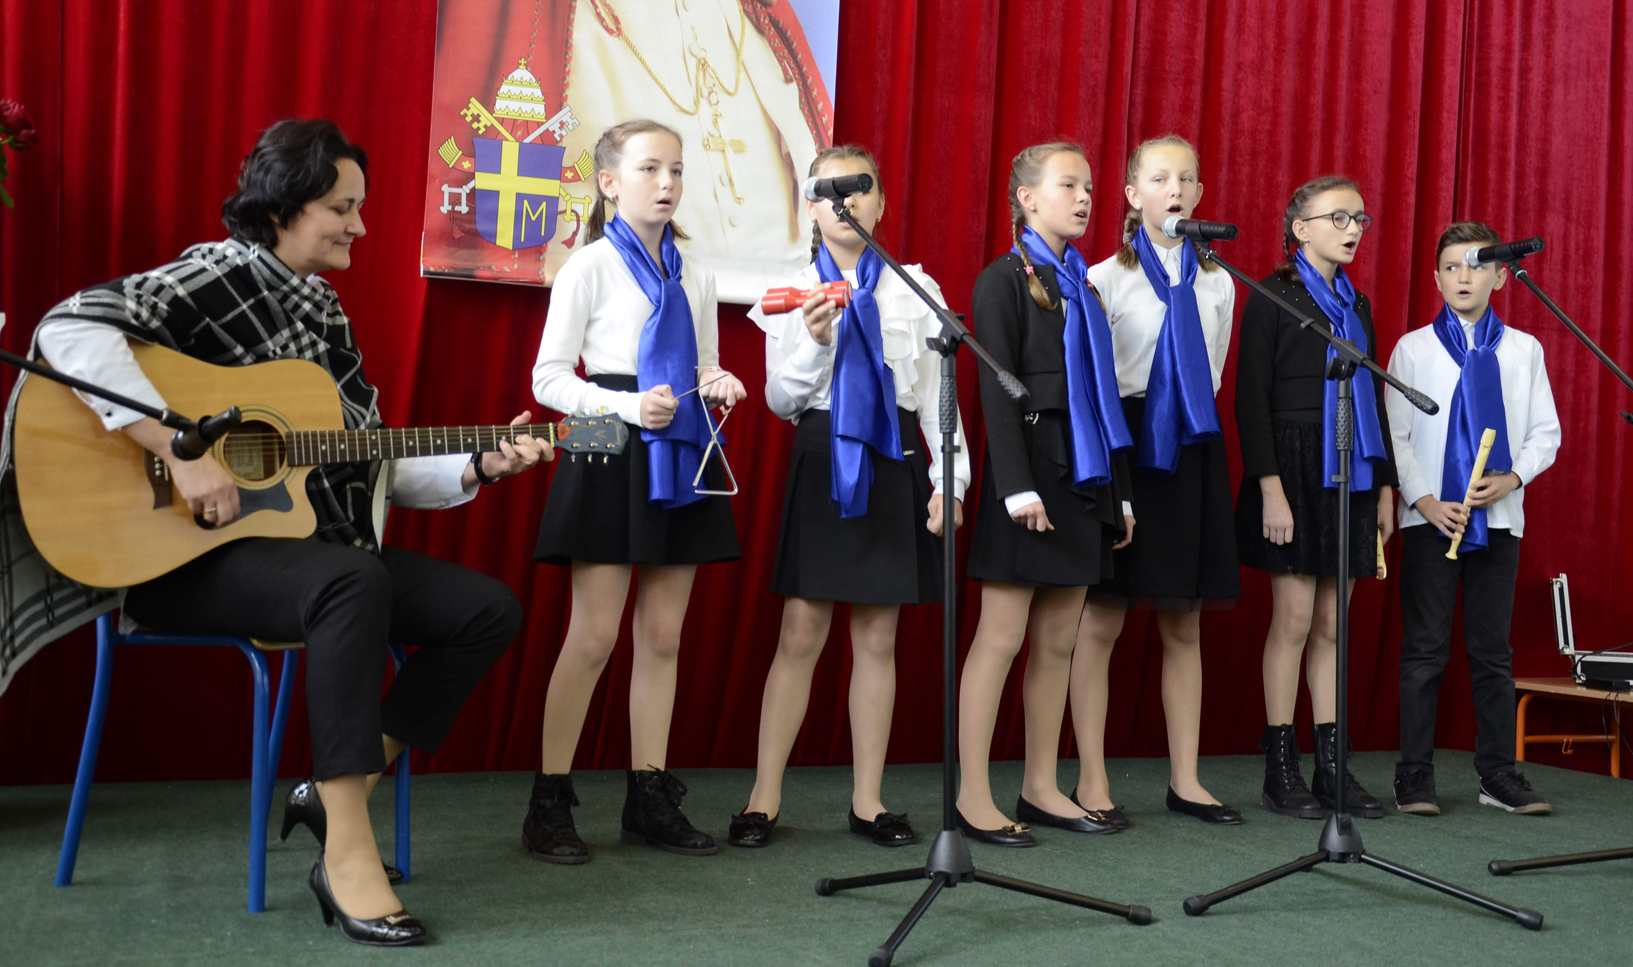 Gminny Festiwal Papieski w Kupnie. Grand Prix dla zespołu wokalnego |WIDEO| - Zdjęcie główne